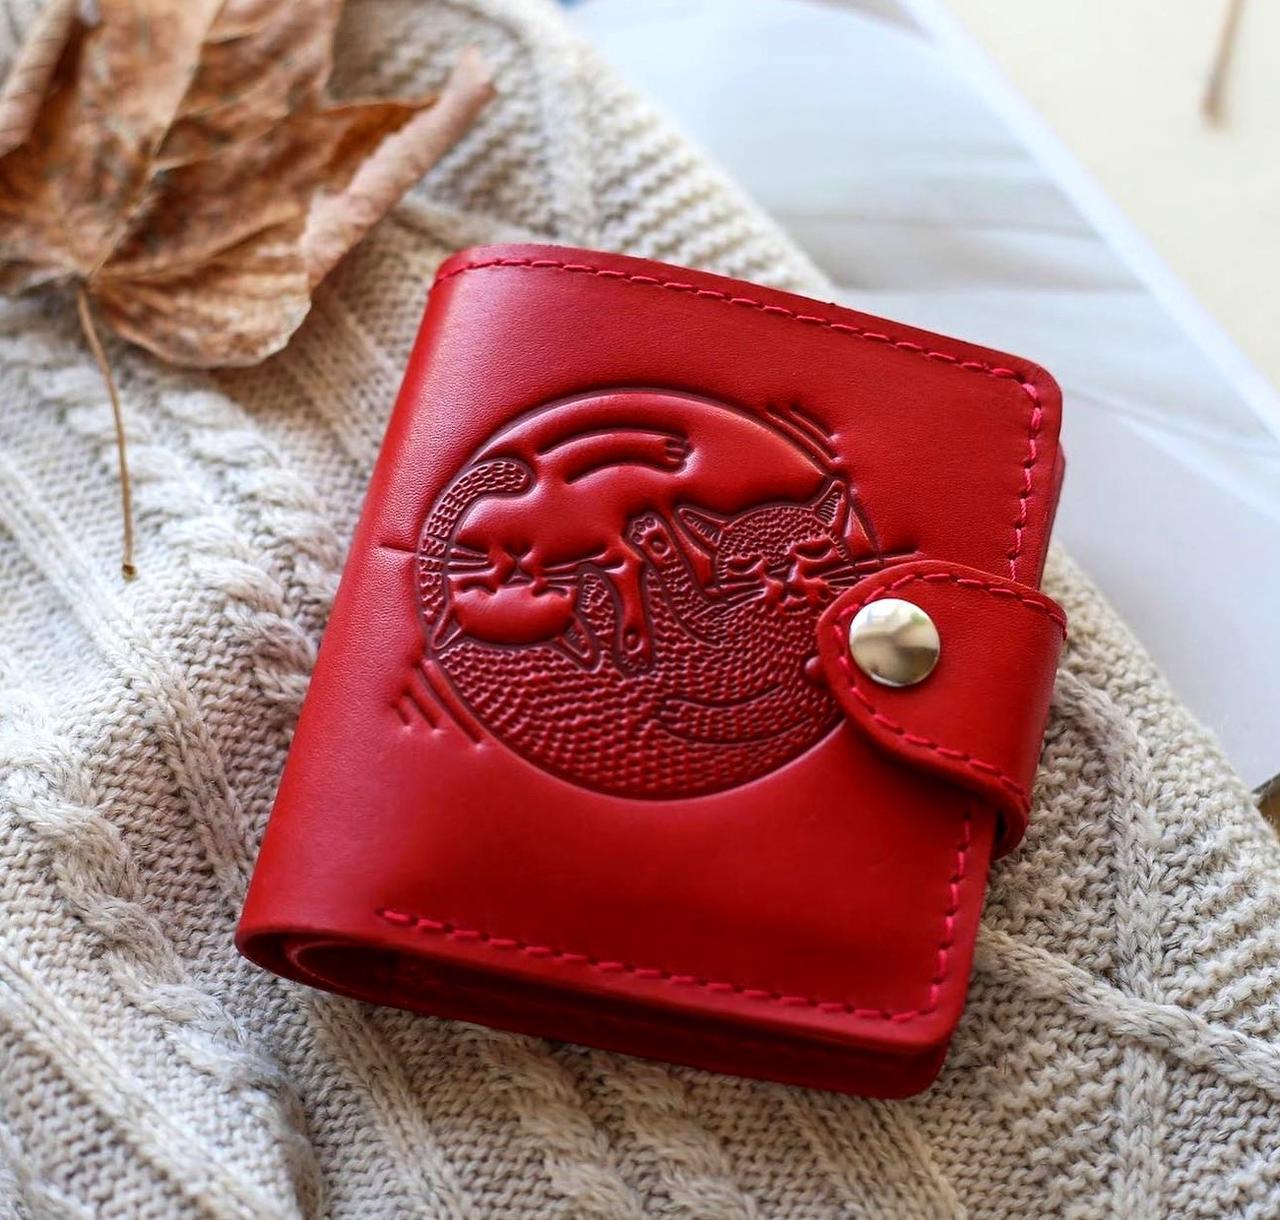 Маленький кожаный кошелек женский Коты красный, Собаки Птицы Восточный узор Цветы Подсолнух Солнце Петриковка